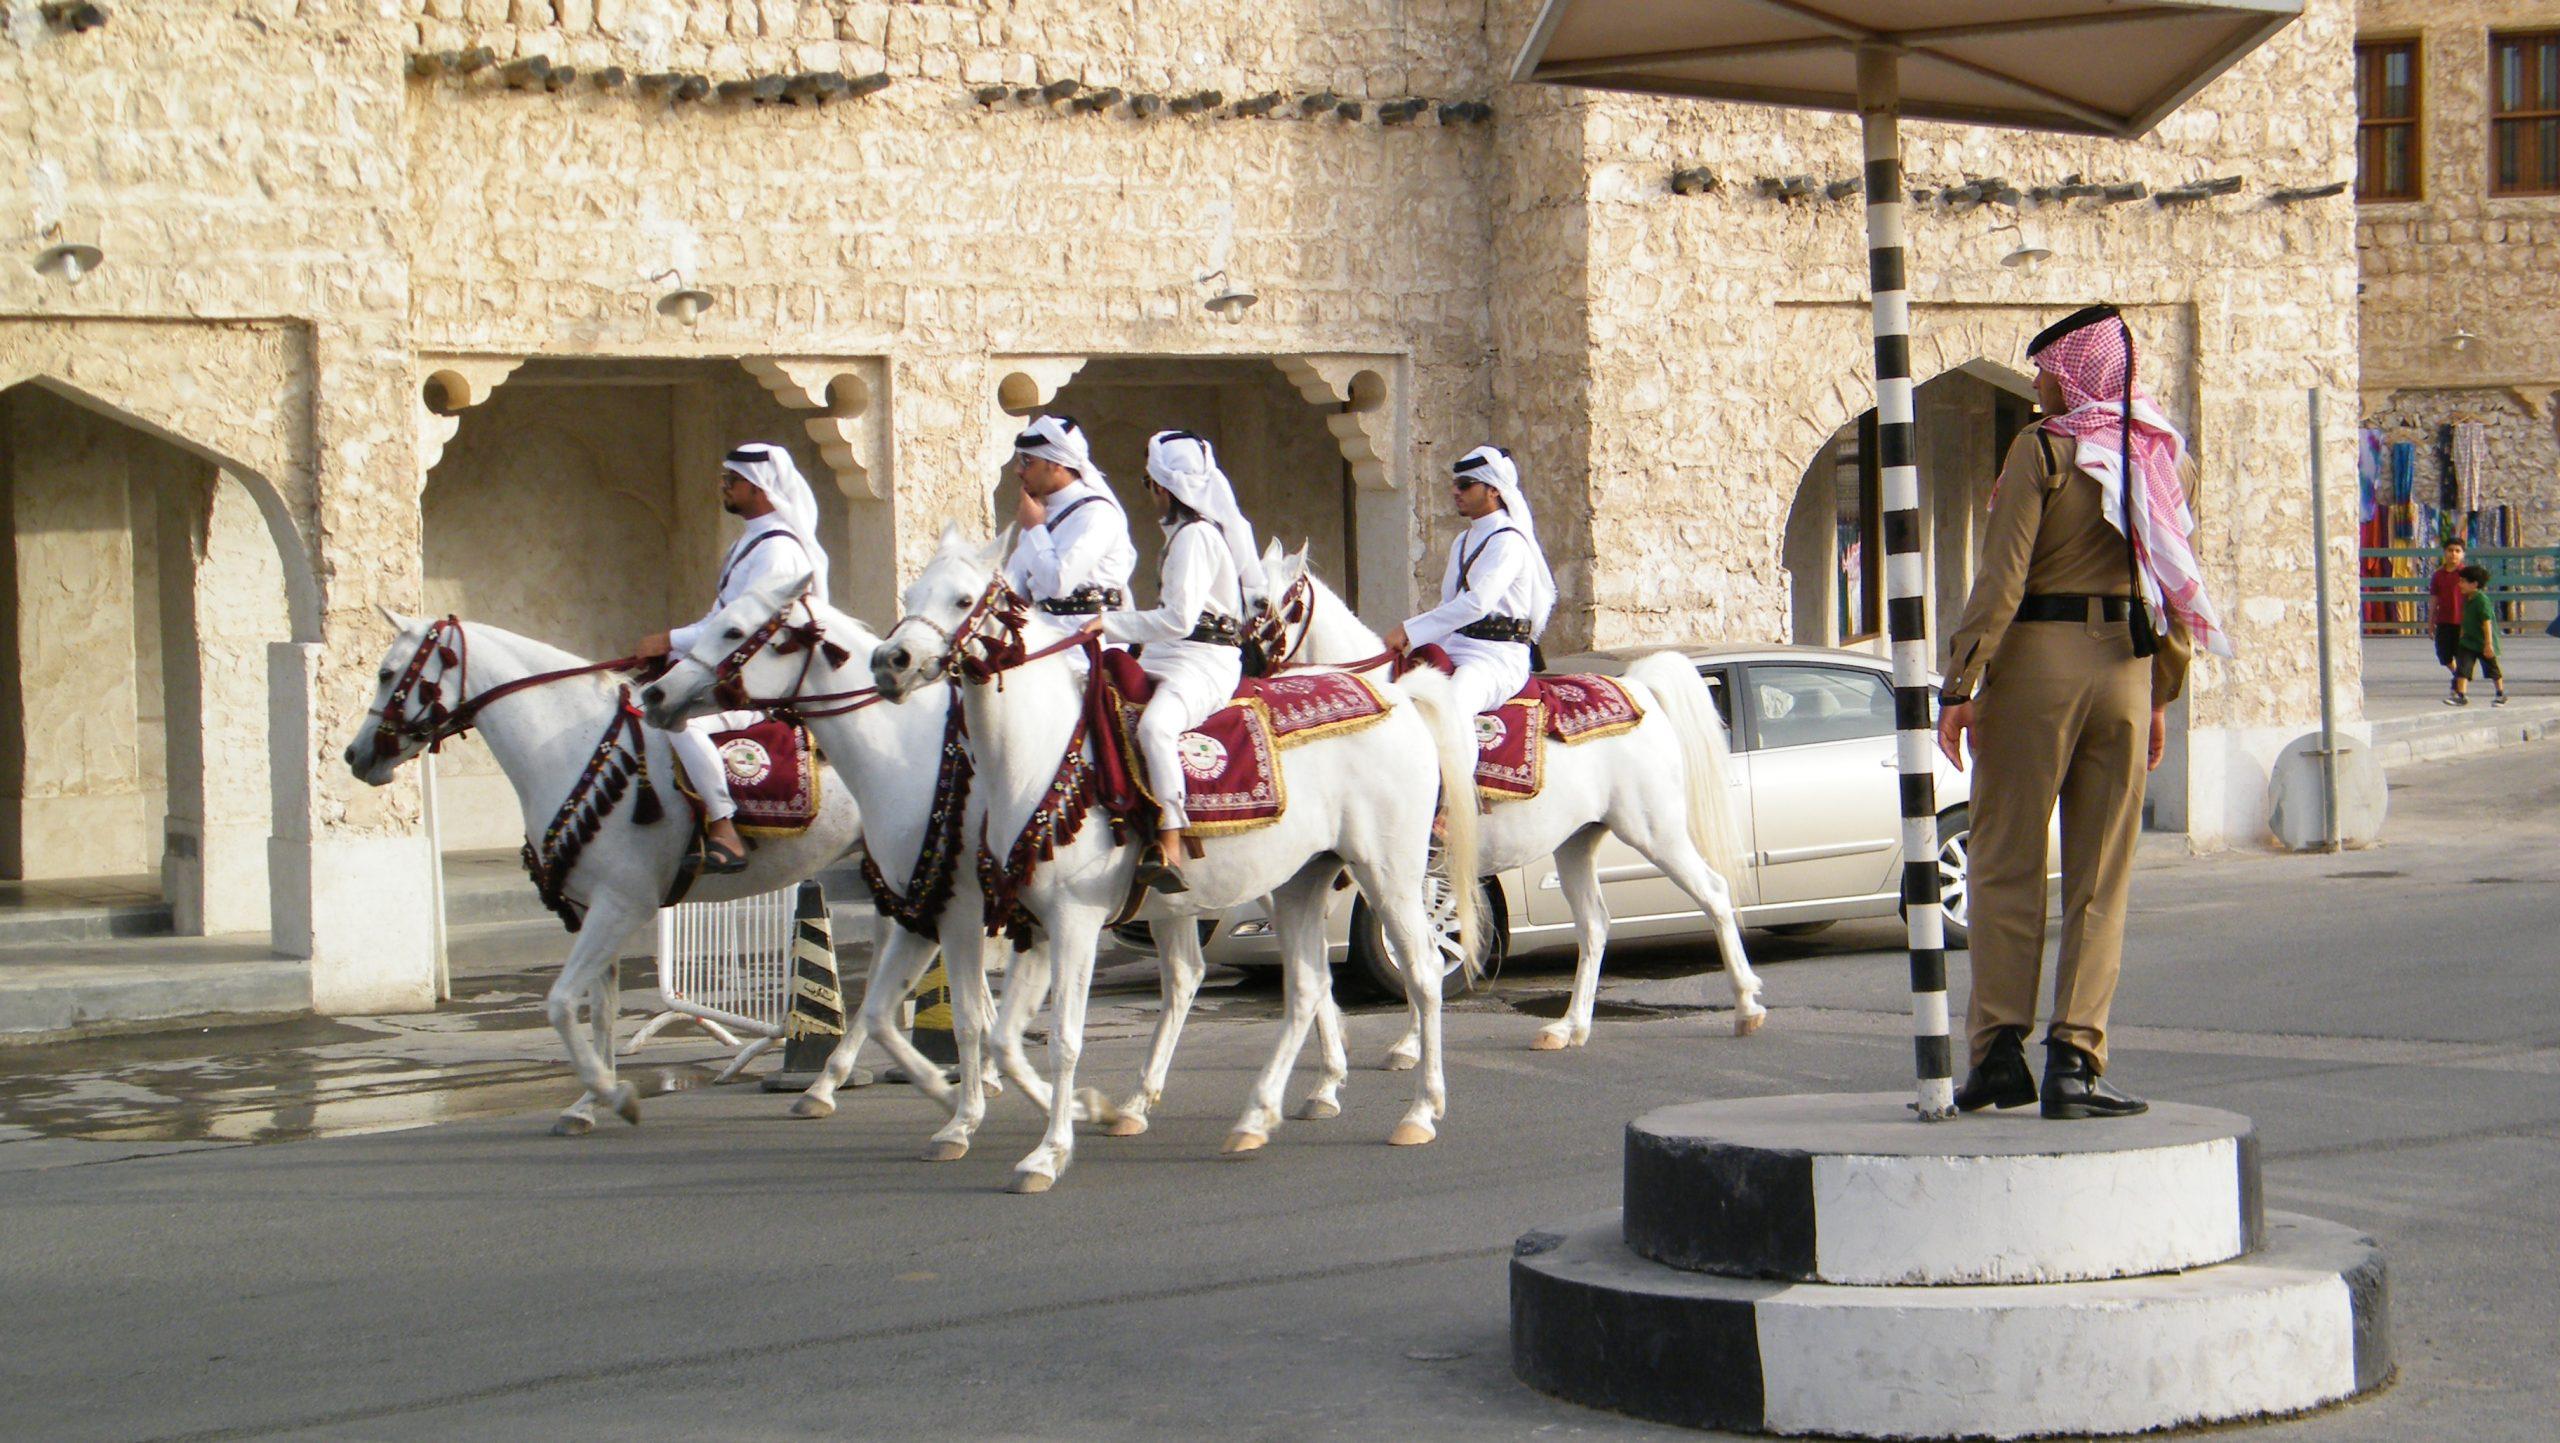 Beredent politi i Qatars hovedstad, Doha. Qatars nationale turistråd vil øge landets synlighed på det nordiske marked. Arkivfoto: Henrik Baumgarten.